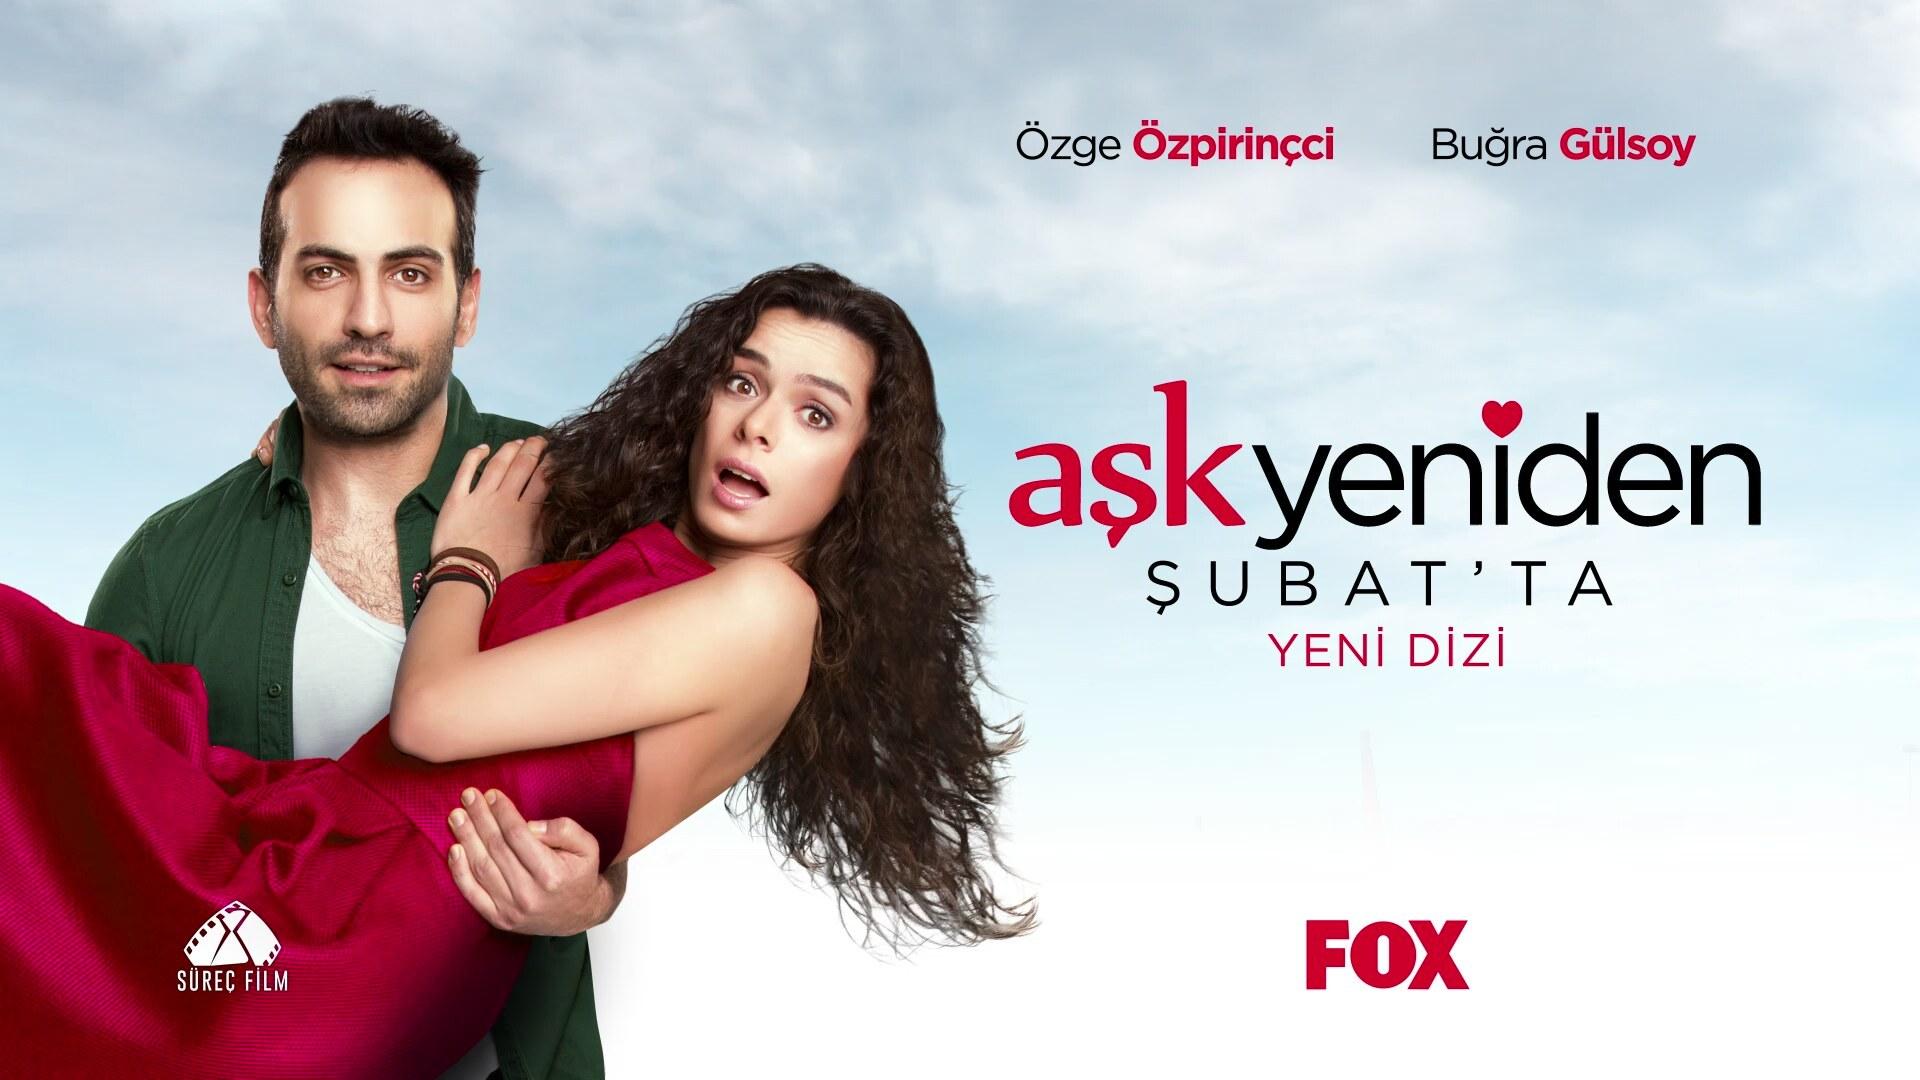 Buğra Gülsoy and Özge Özpirinççi in Aşk Yeniden (Love Again)